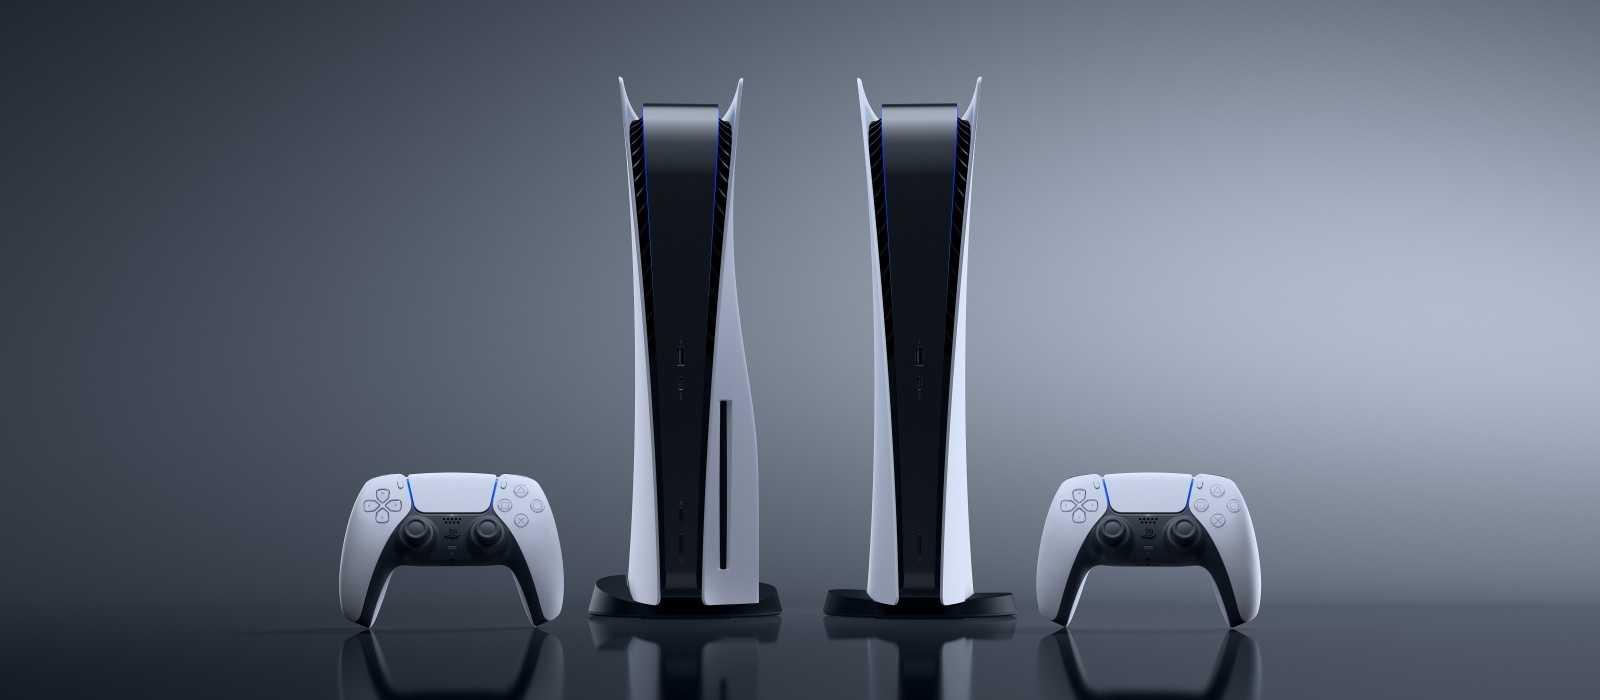 Die ersten Testberichte zu PlayStation 5 sind online: schnelle Downloads, Spiele und Vergleiche mit der Xbox Series X.